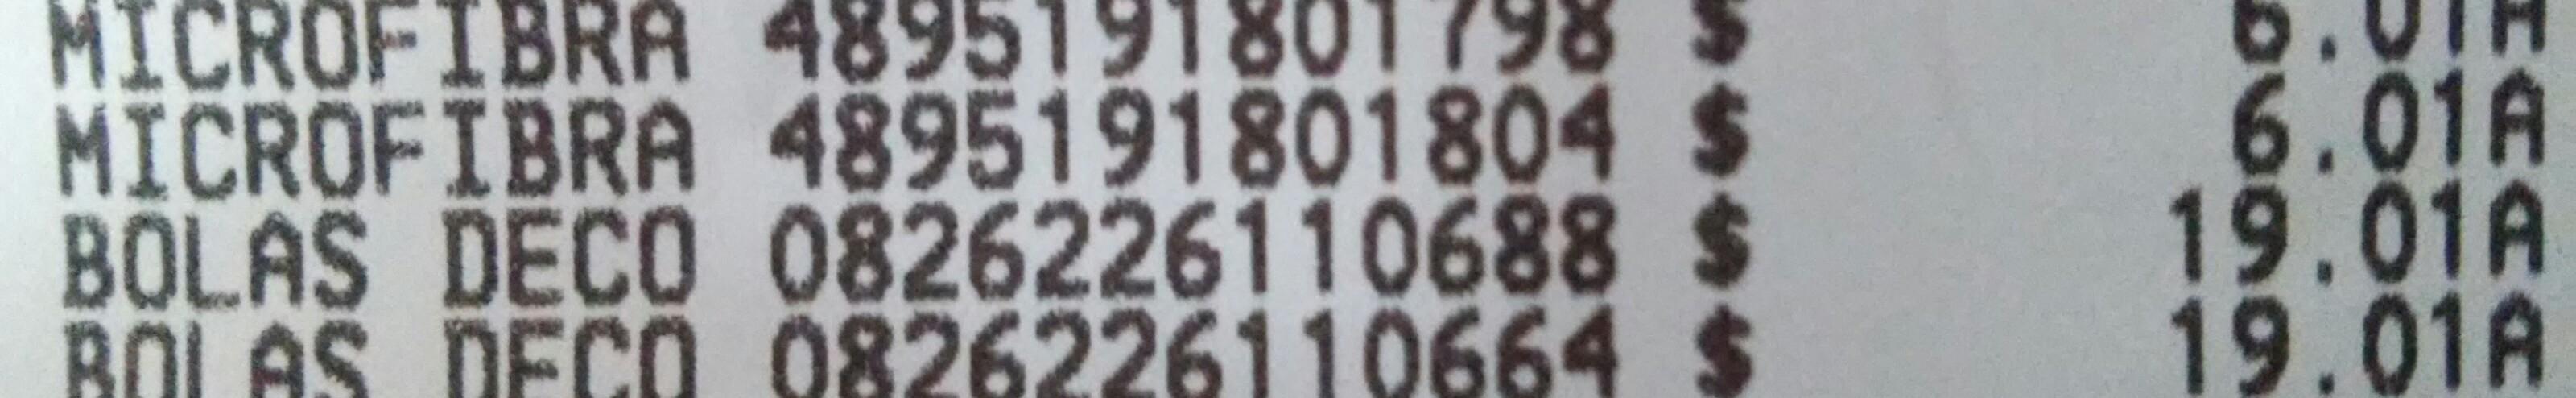 102527.jpg